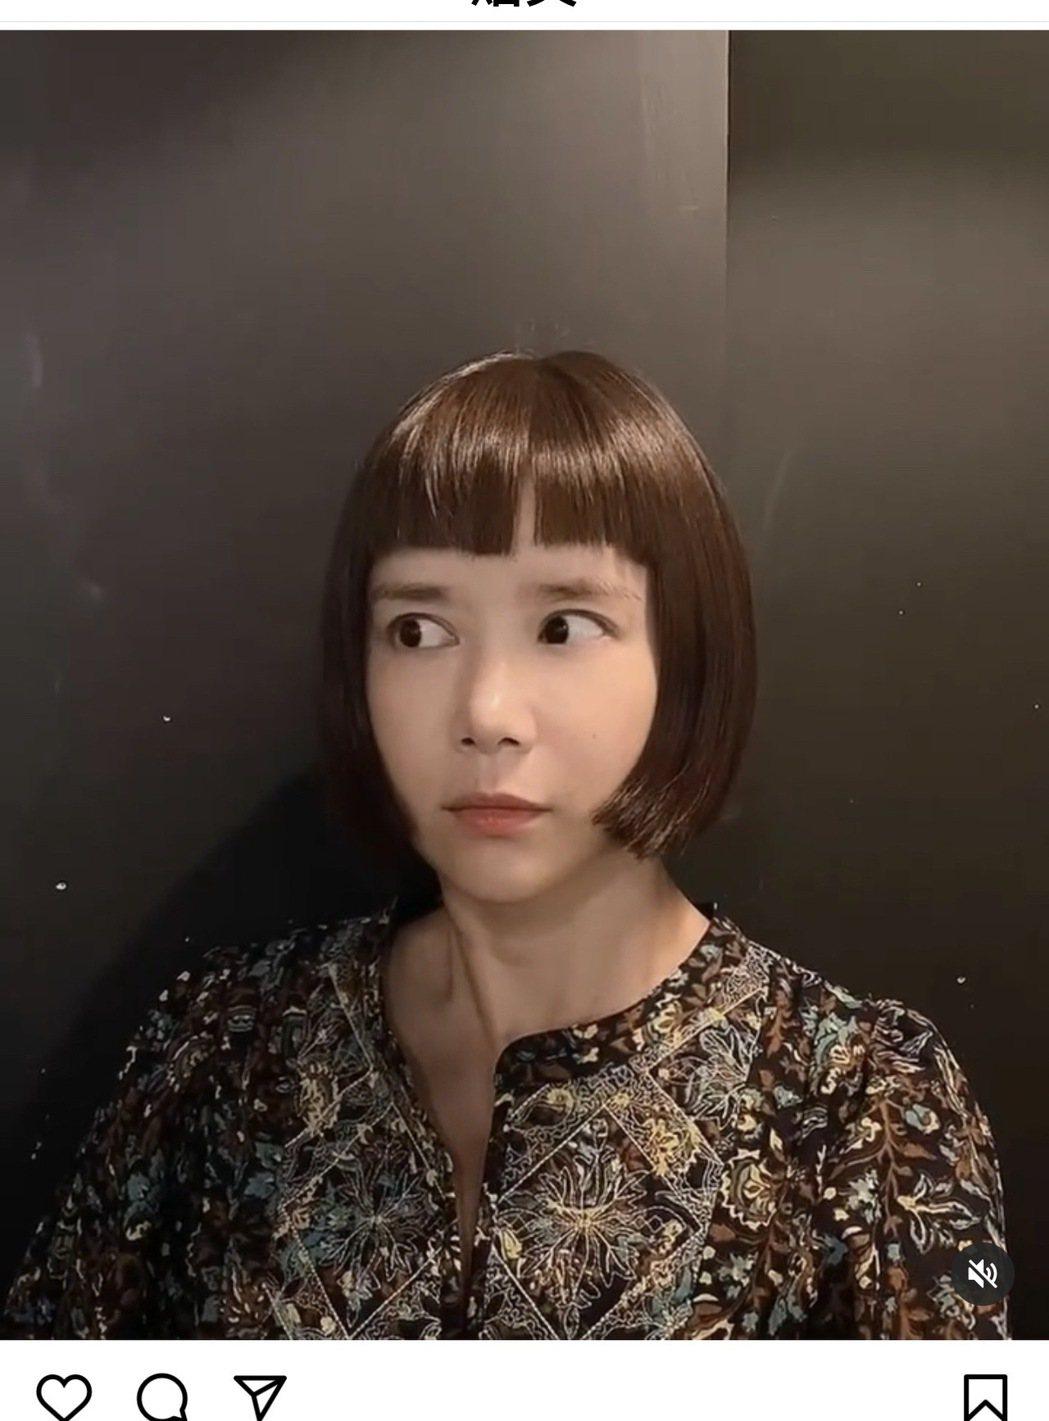 李佳穎上演「魷魚遊戲」中的一二三木頭人娃娃嚇壞網友。圖/摘自IG